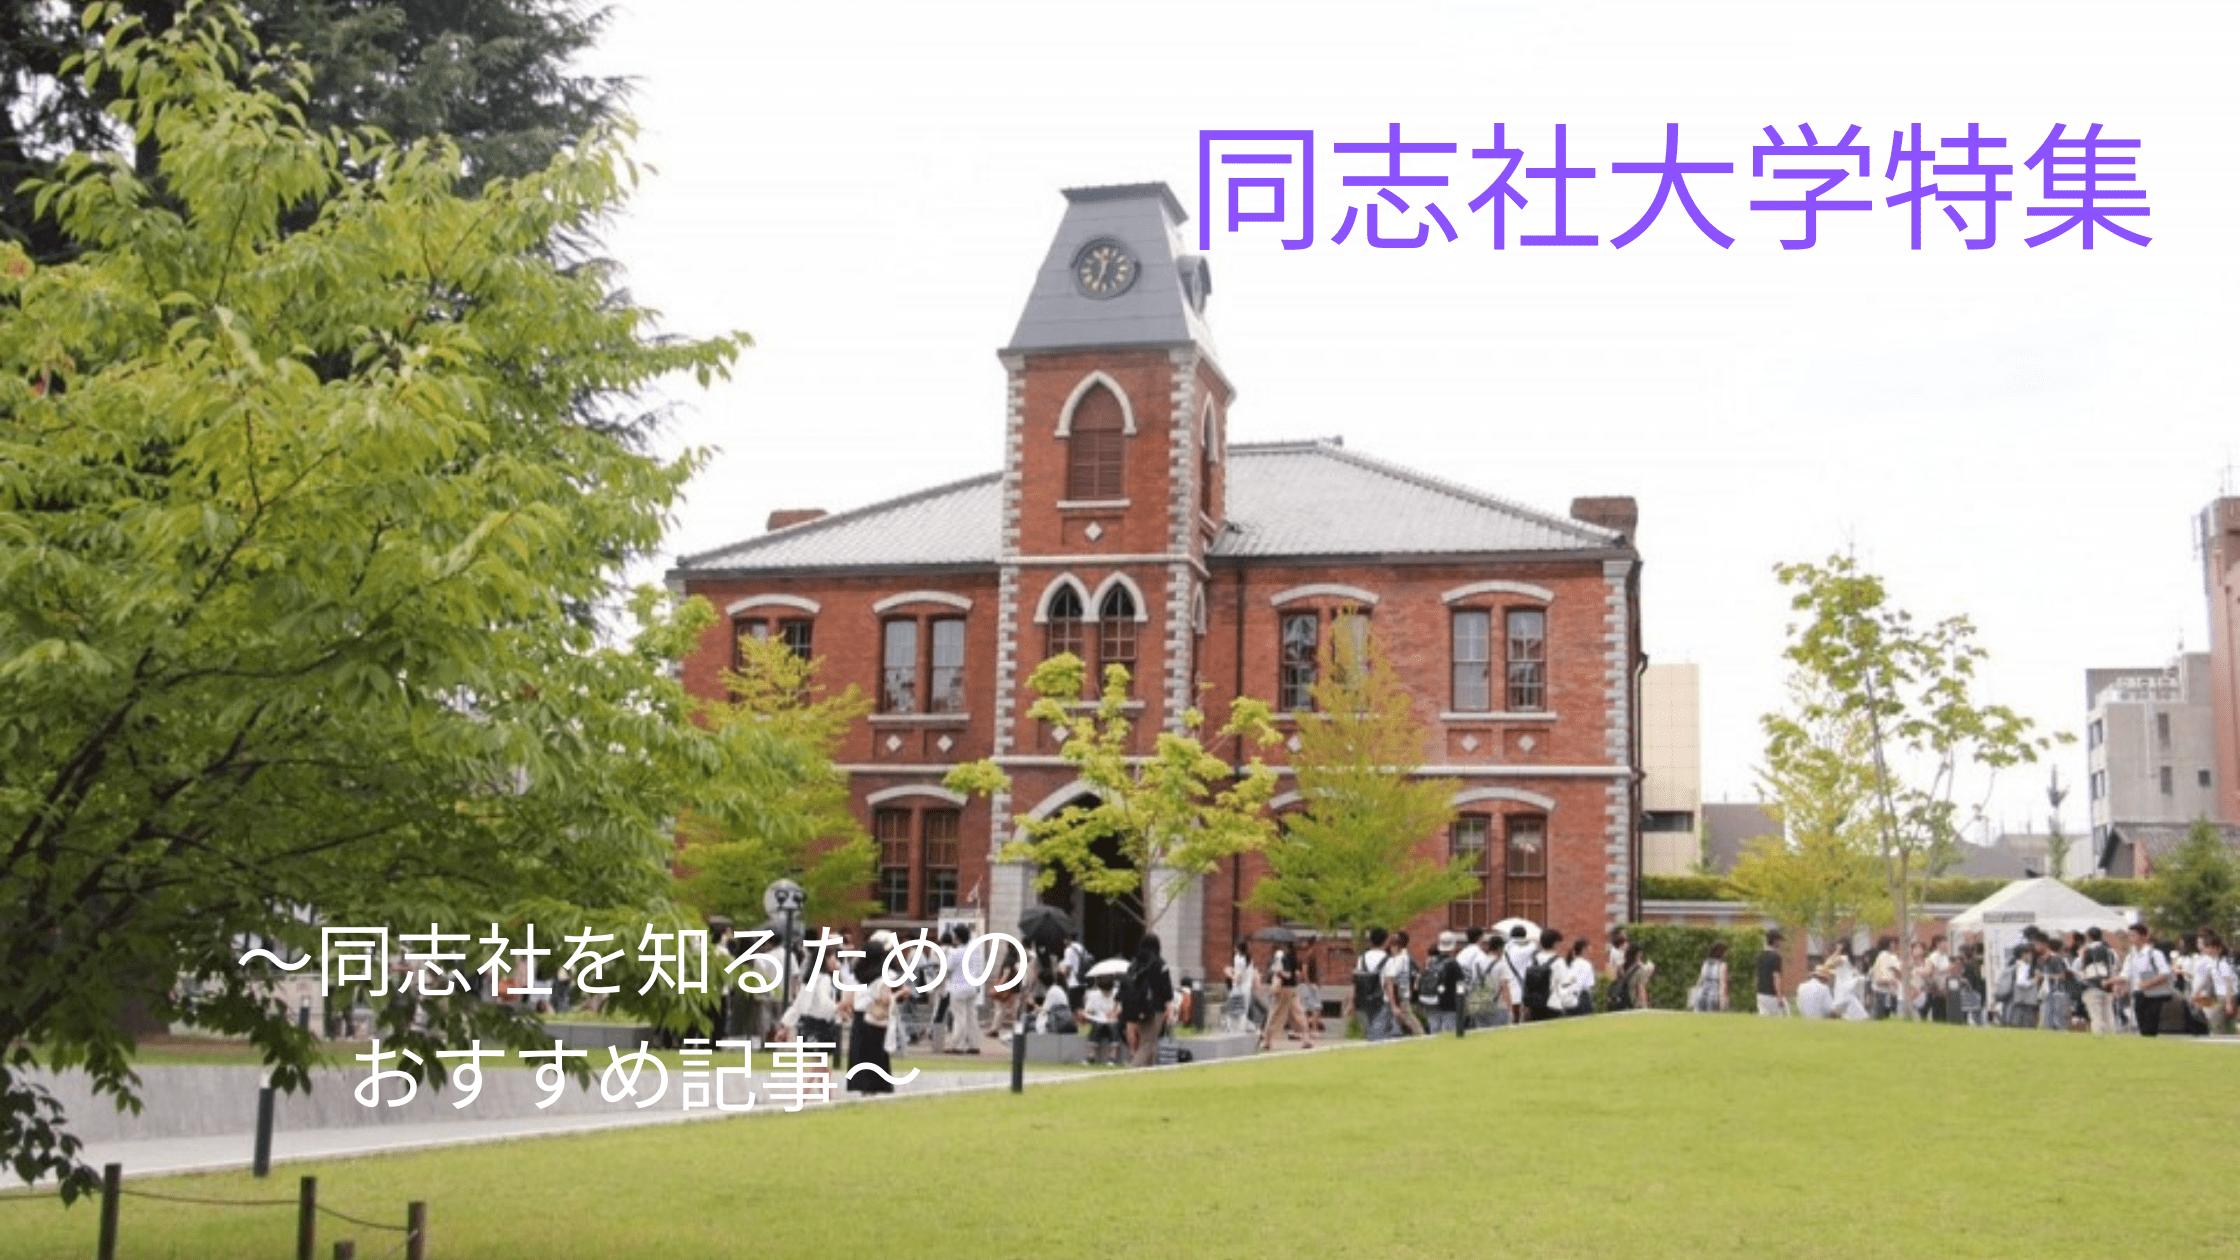 【#春から同志社】新入生必見!同志社大学特集